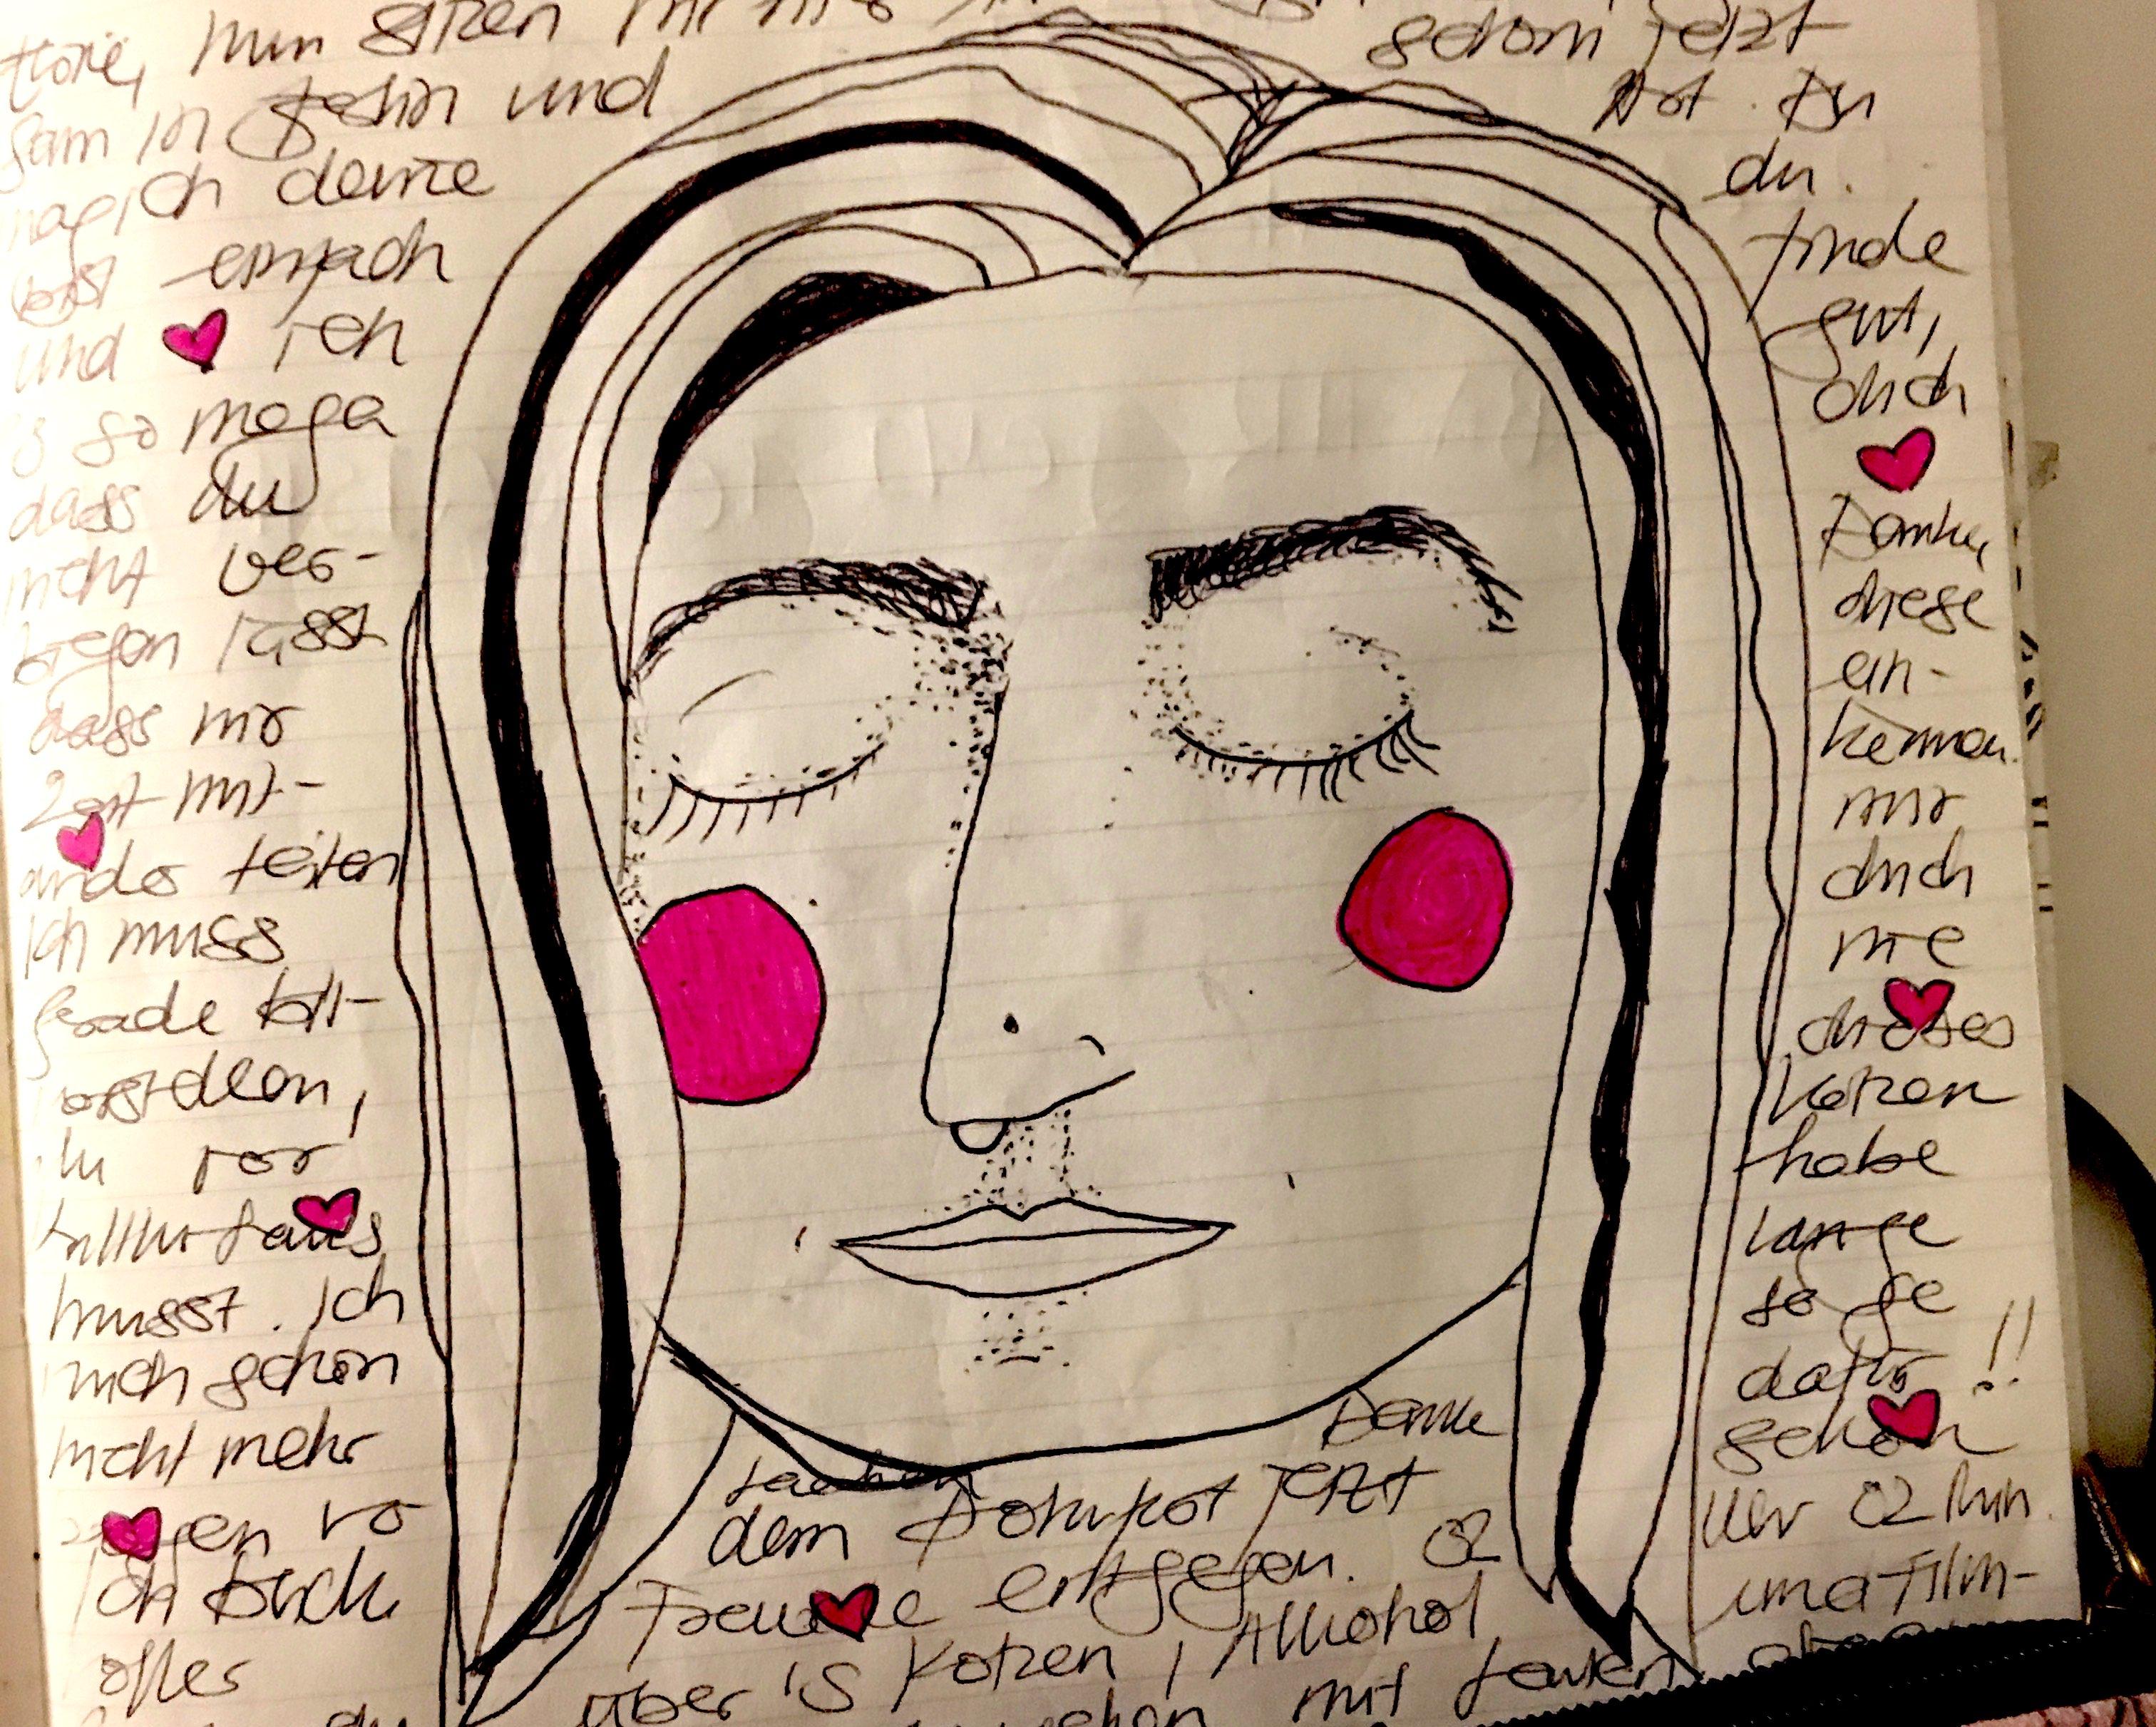 Zeichnung meines Gesichts mit seiner schönen großen Nase